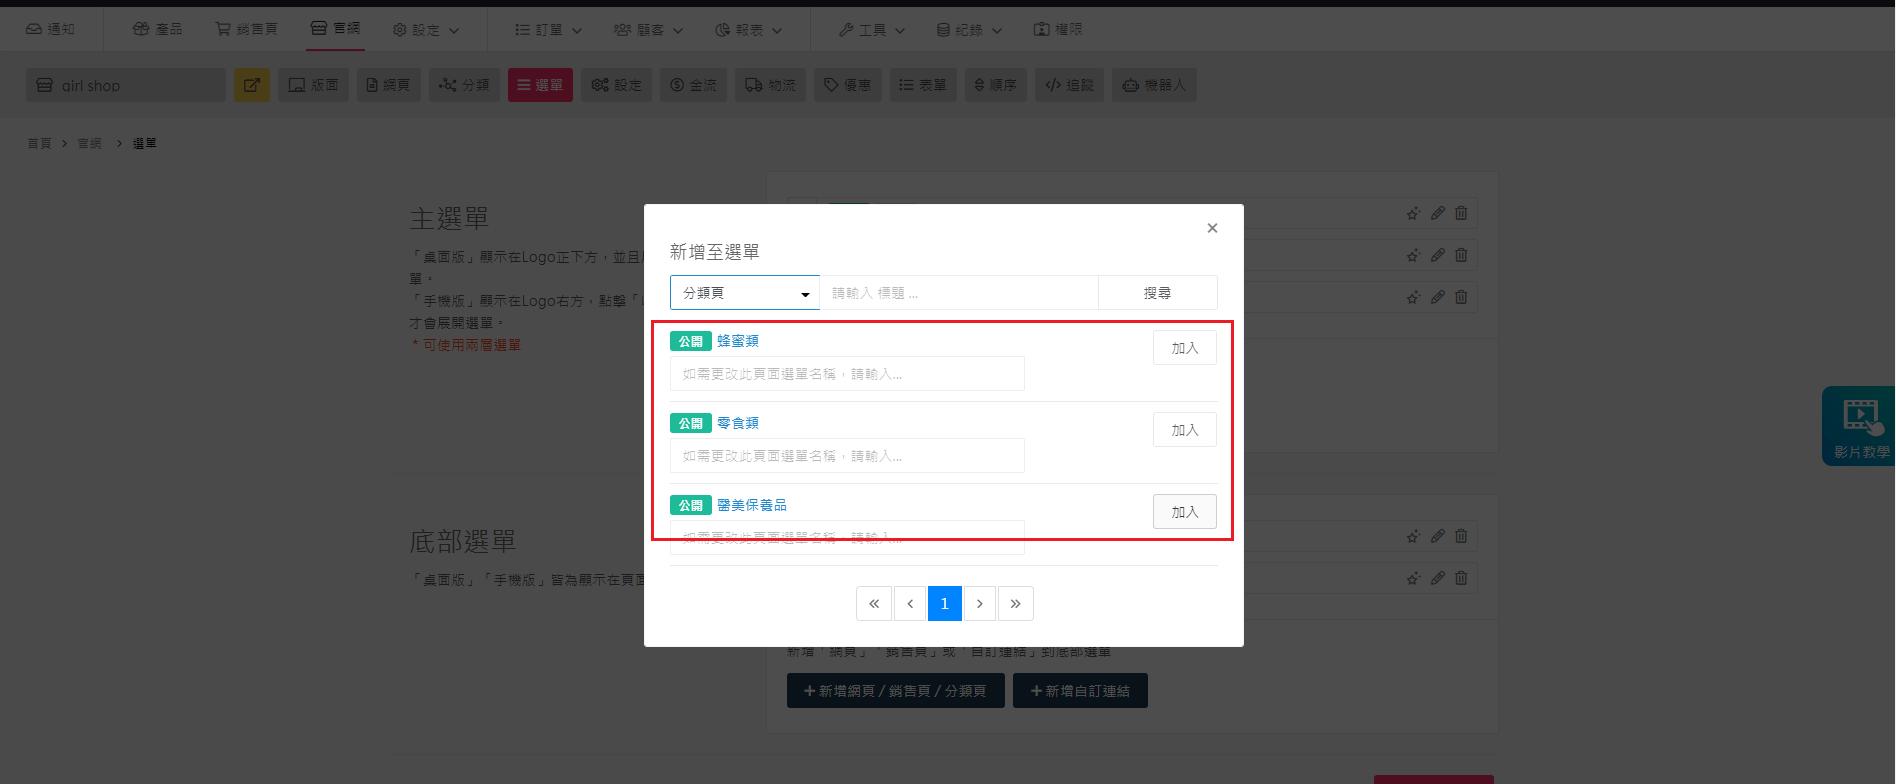 分類頁功能 加入分類頁選單